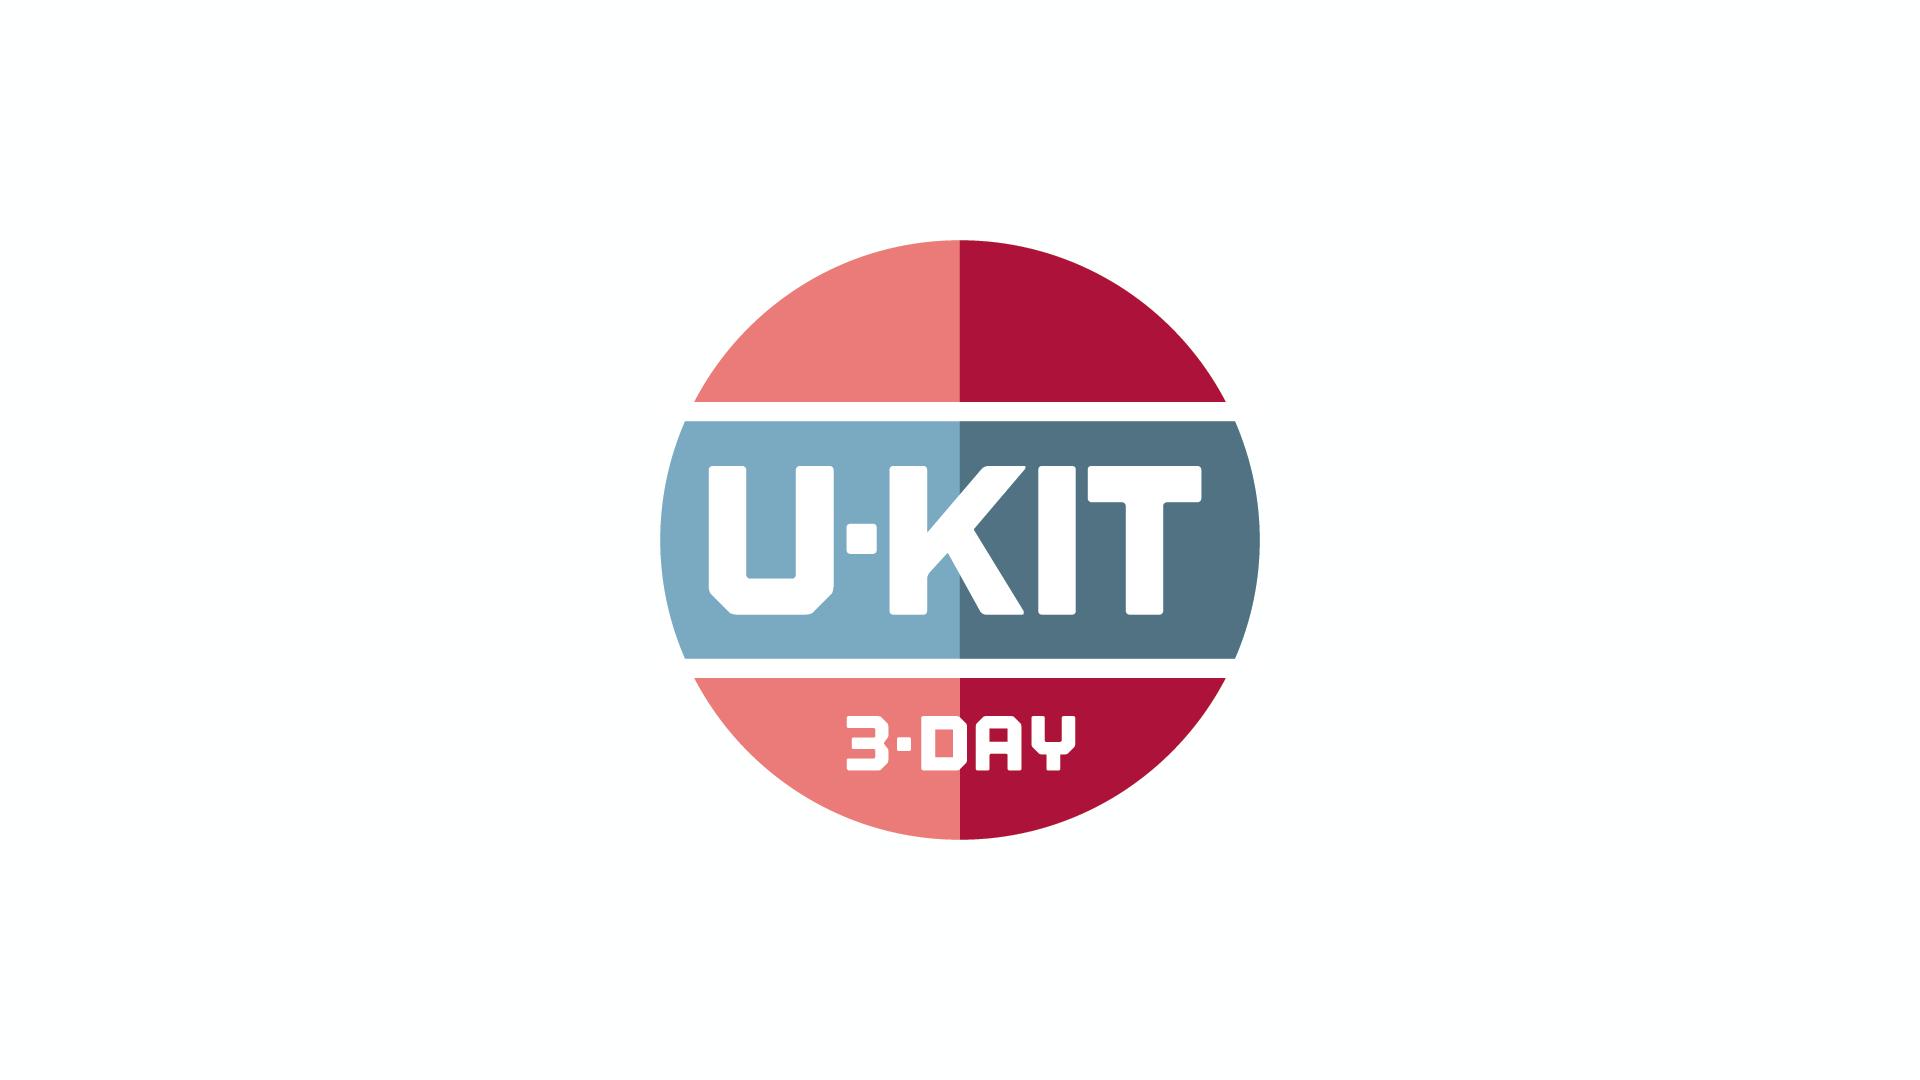 ukit_3_day_logo.png